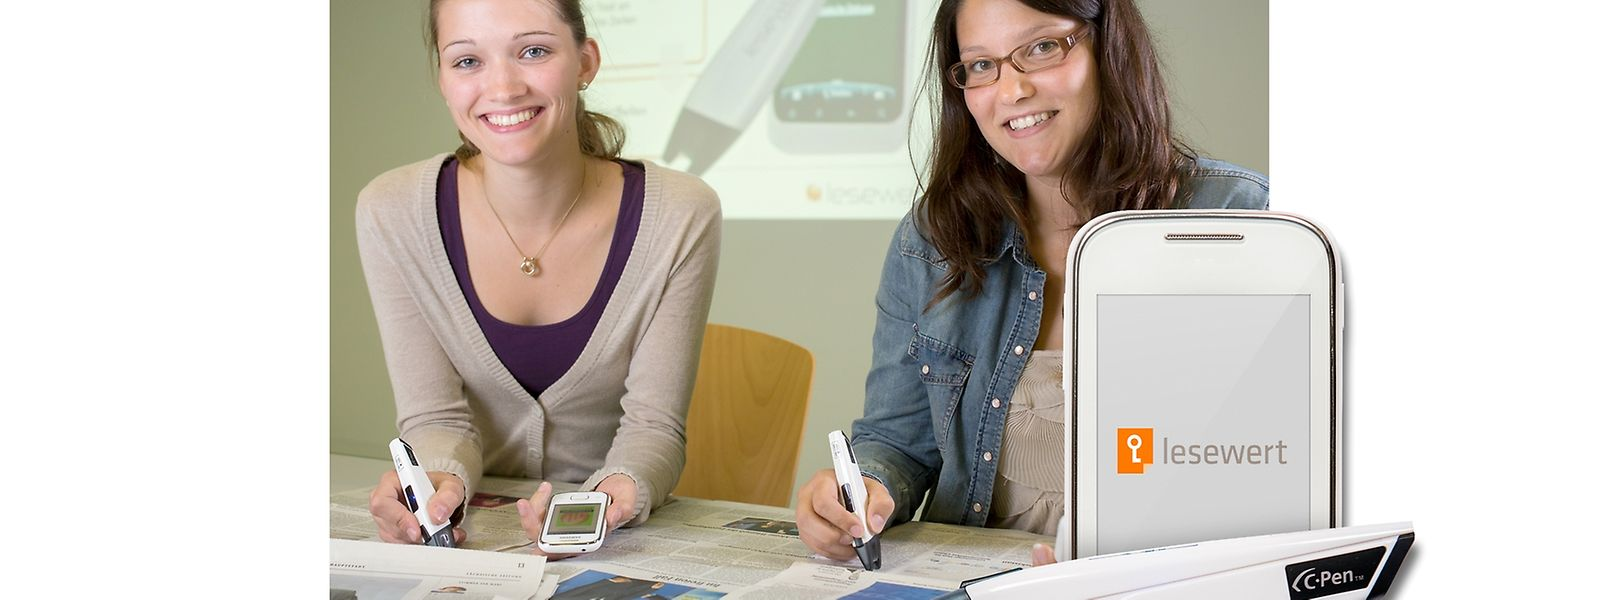 """Mit dem Stift wird die Zeile gescannt. Die Daten werden gespeichert und mit Hilfe eines zur Verfügung gestellten Mobiltelefons an die Redaktion des """"Luxemburger Wort"""" übertragen."""